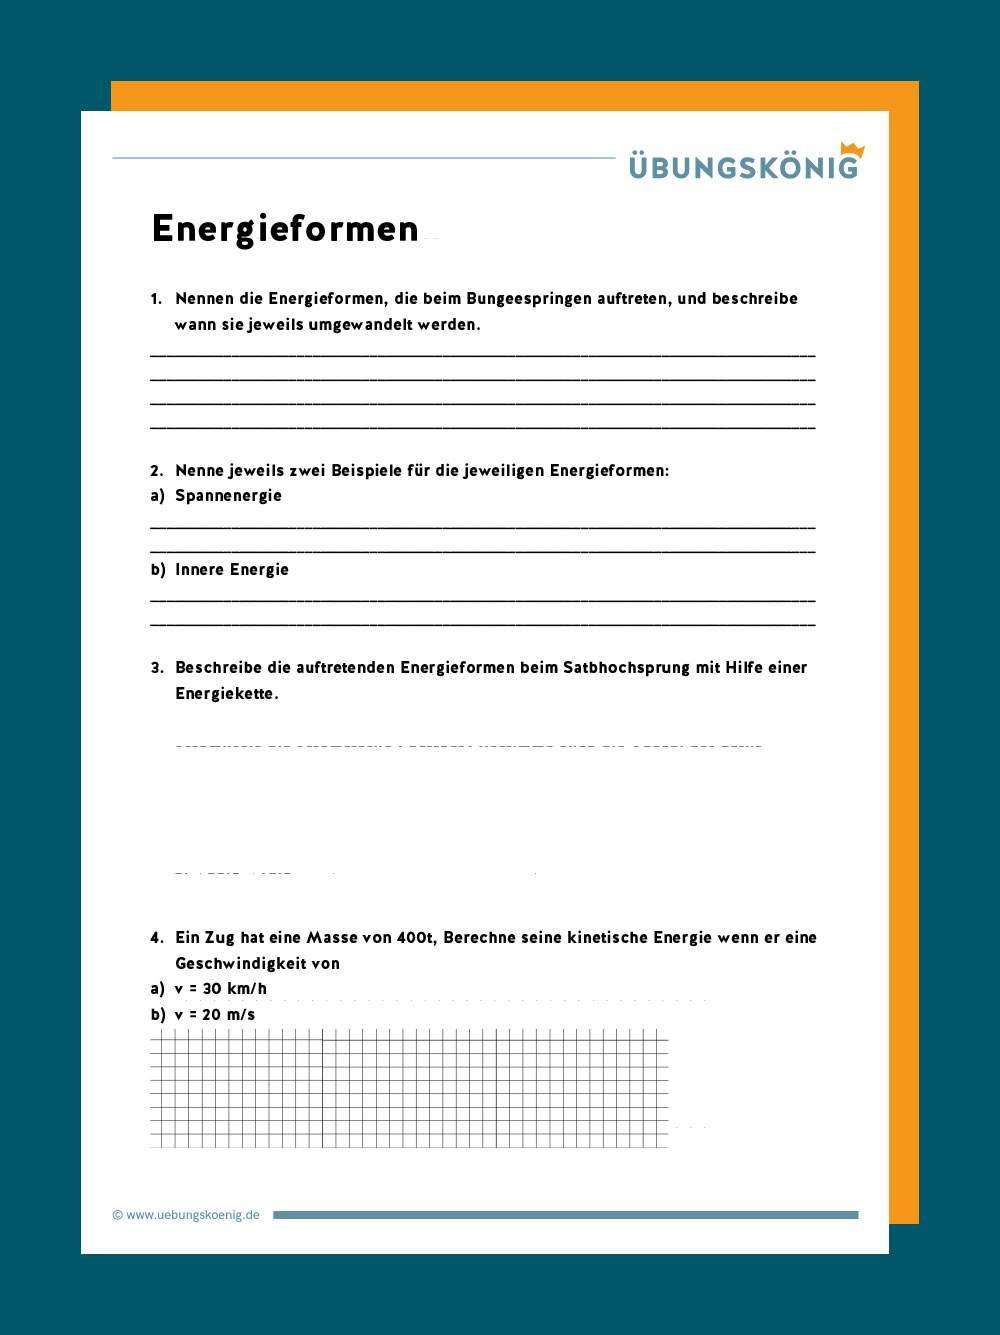 Energie Chemgapedia 2